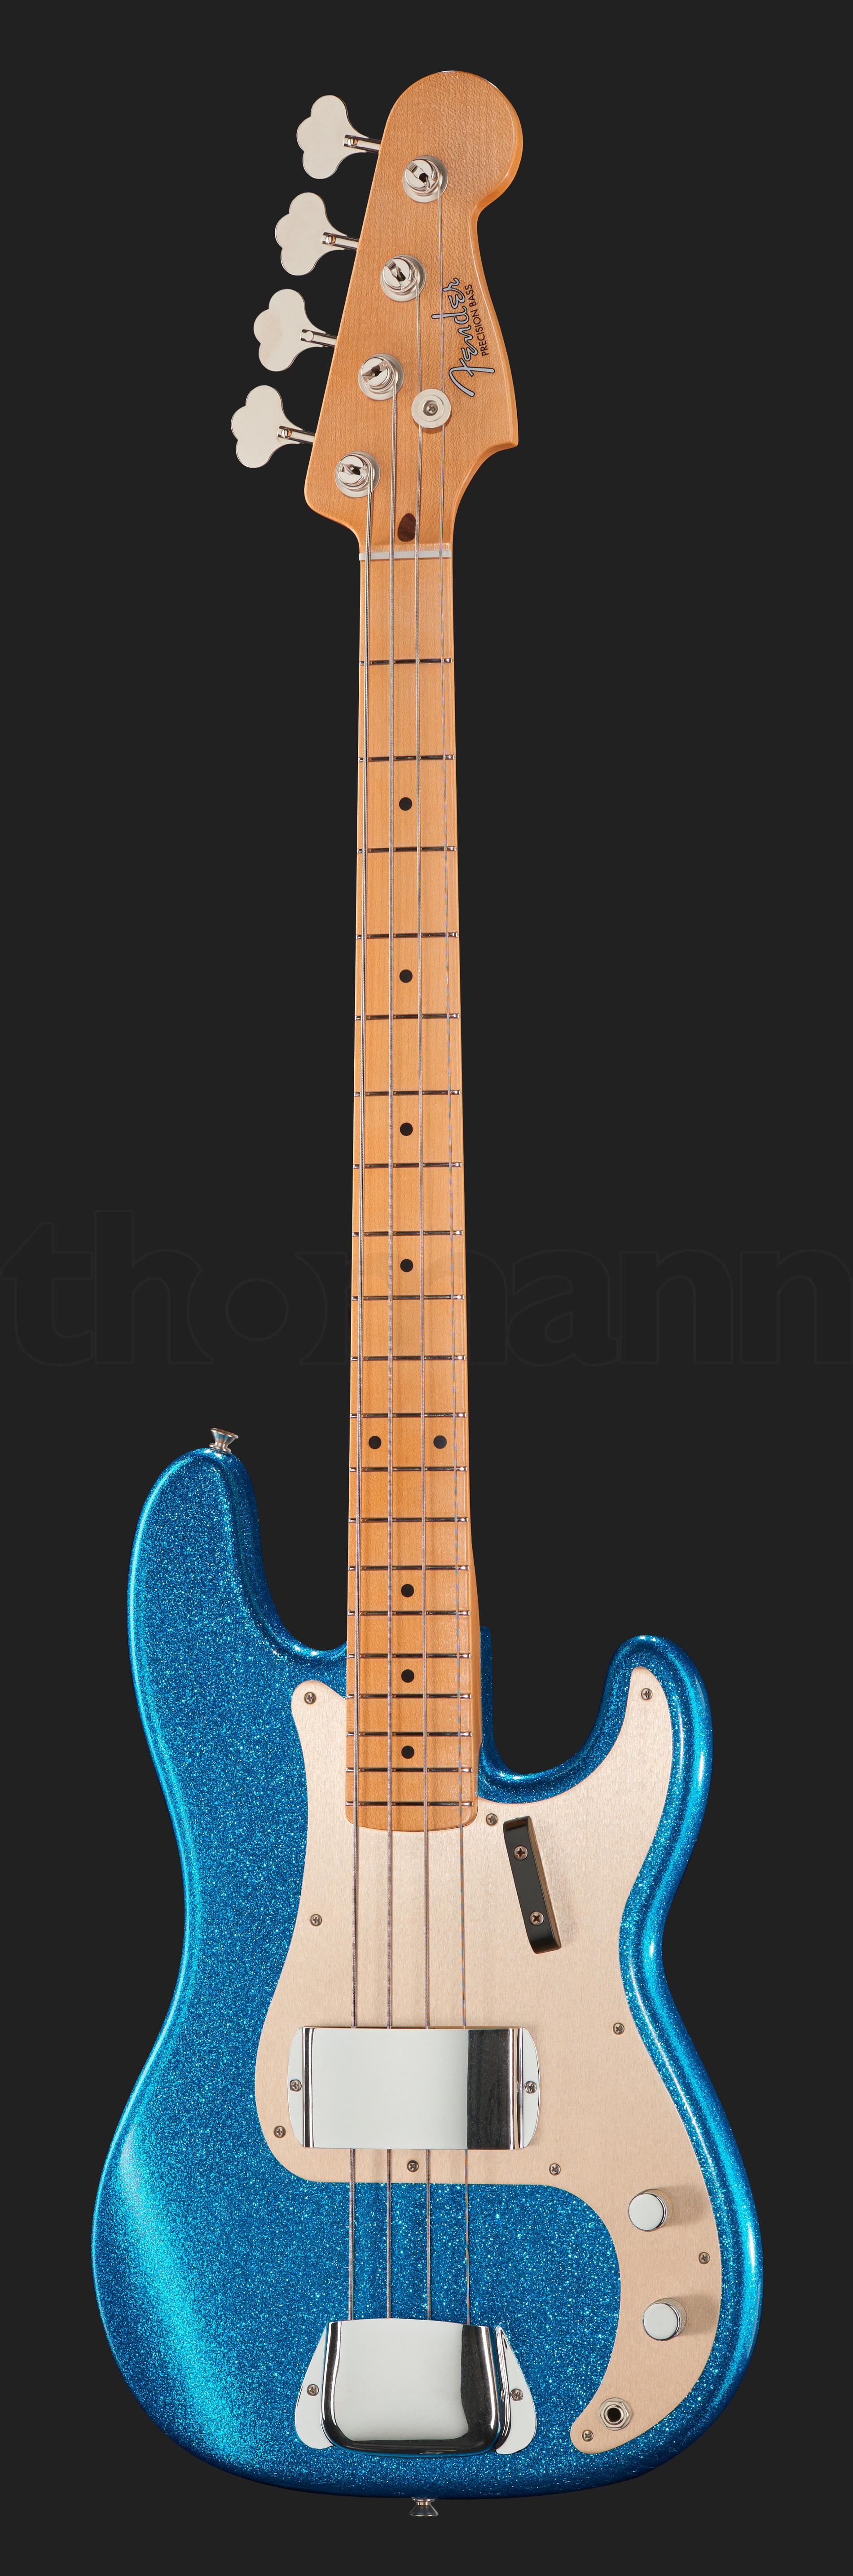 Fender 59 P-Bass CC Blue Sparkle